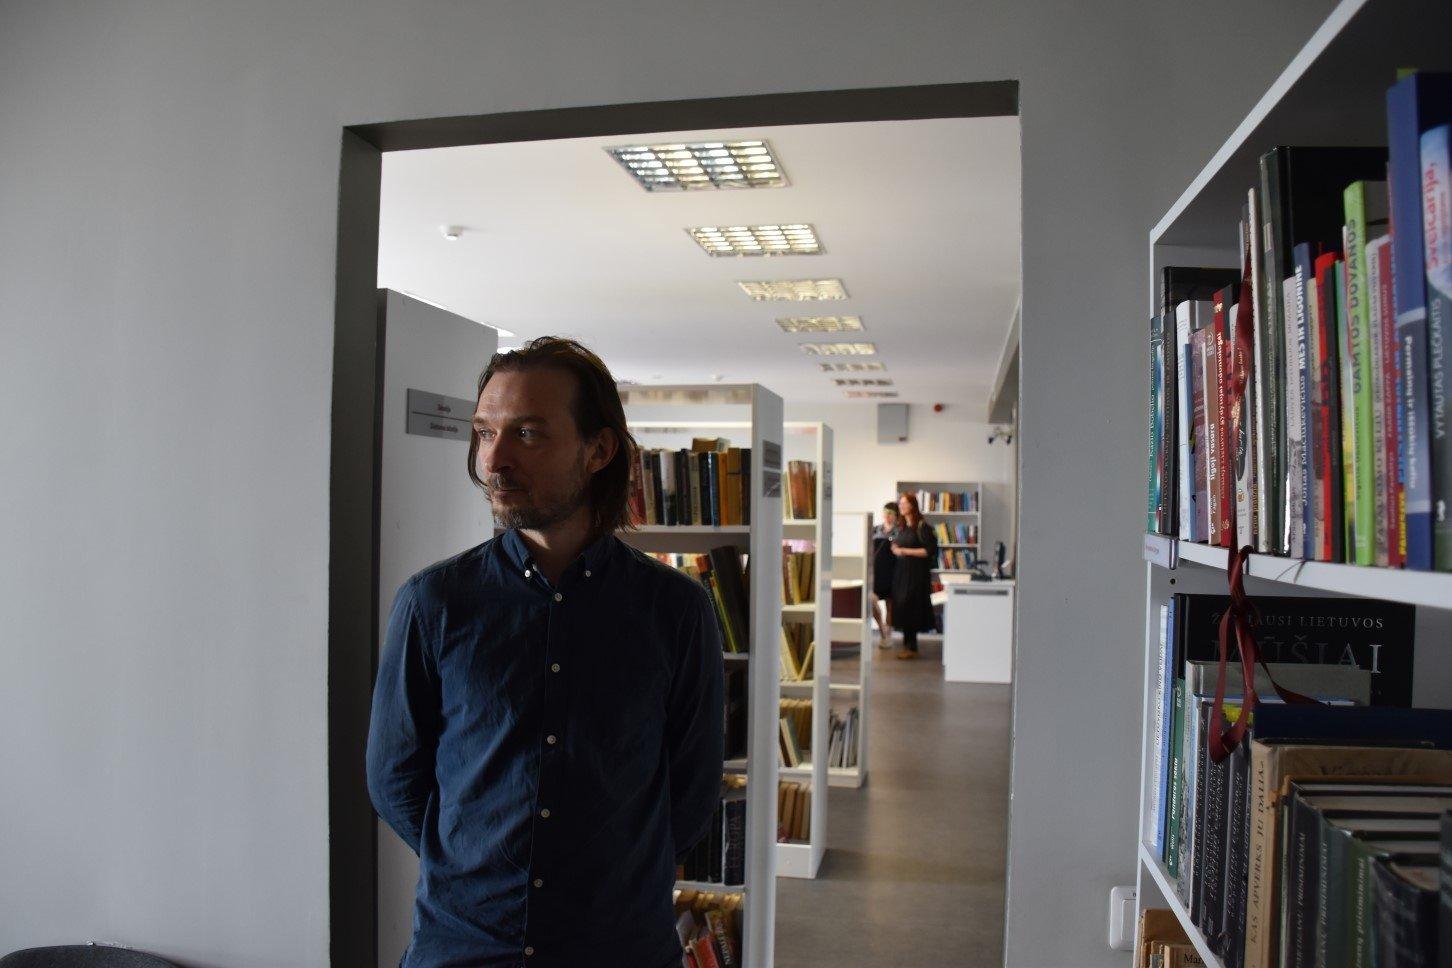 Architektai transformuoja Molėtų biblioteką